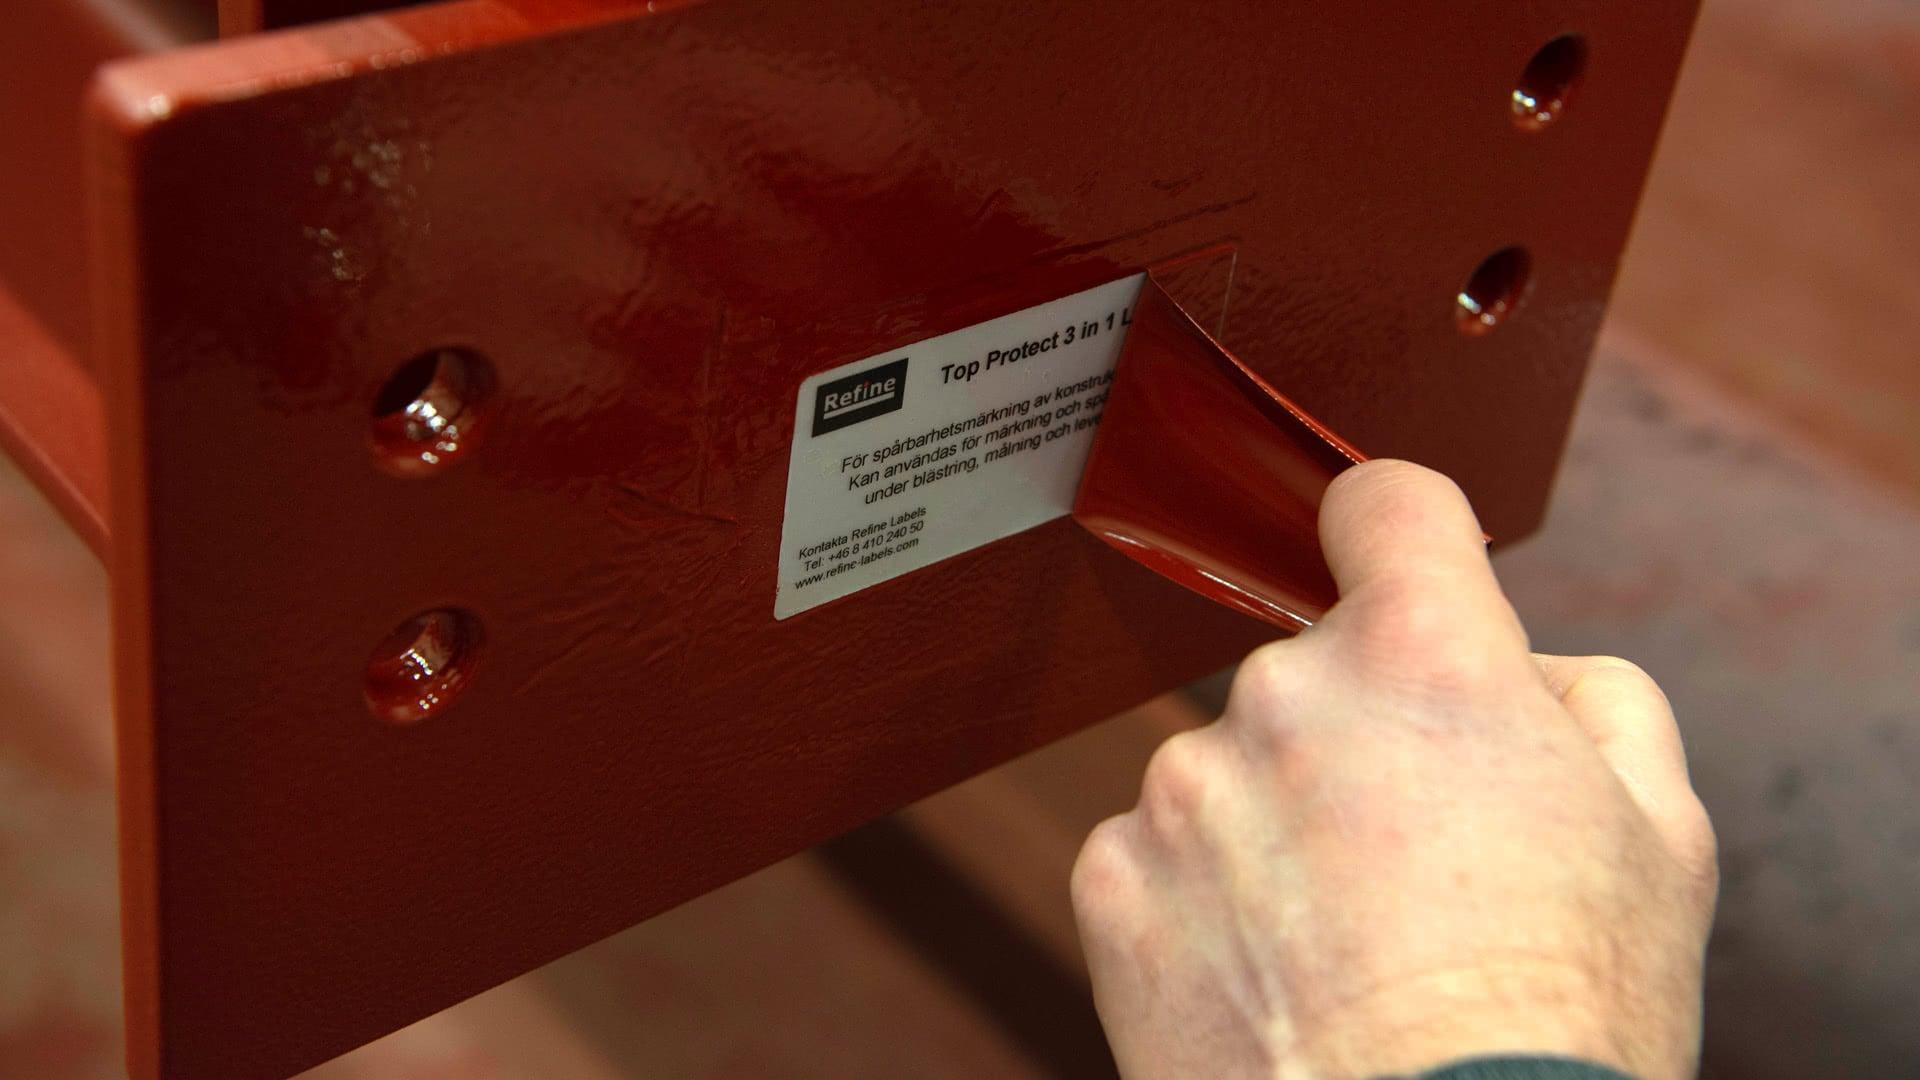 Märka med laminerade etiketter som klarar målning